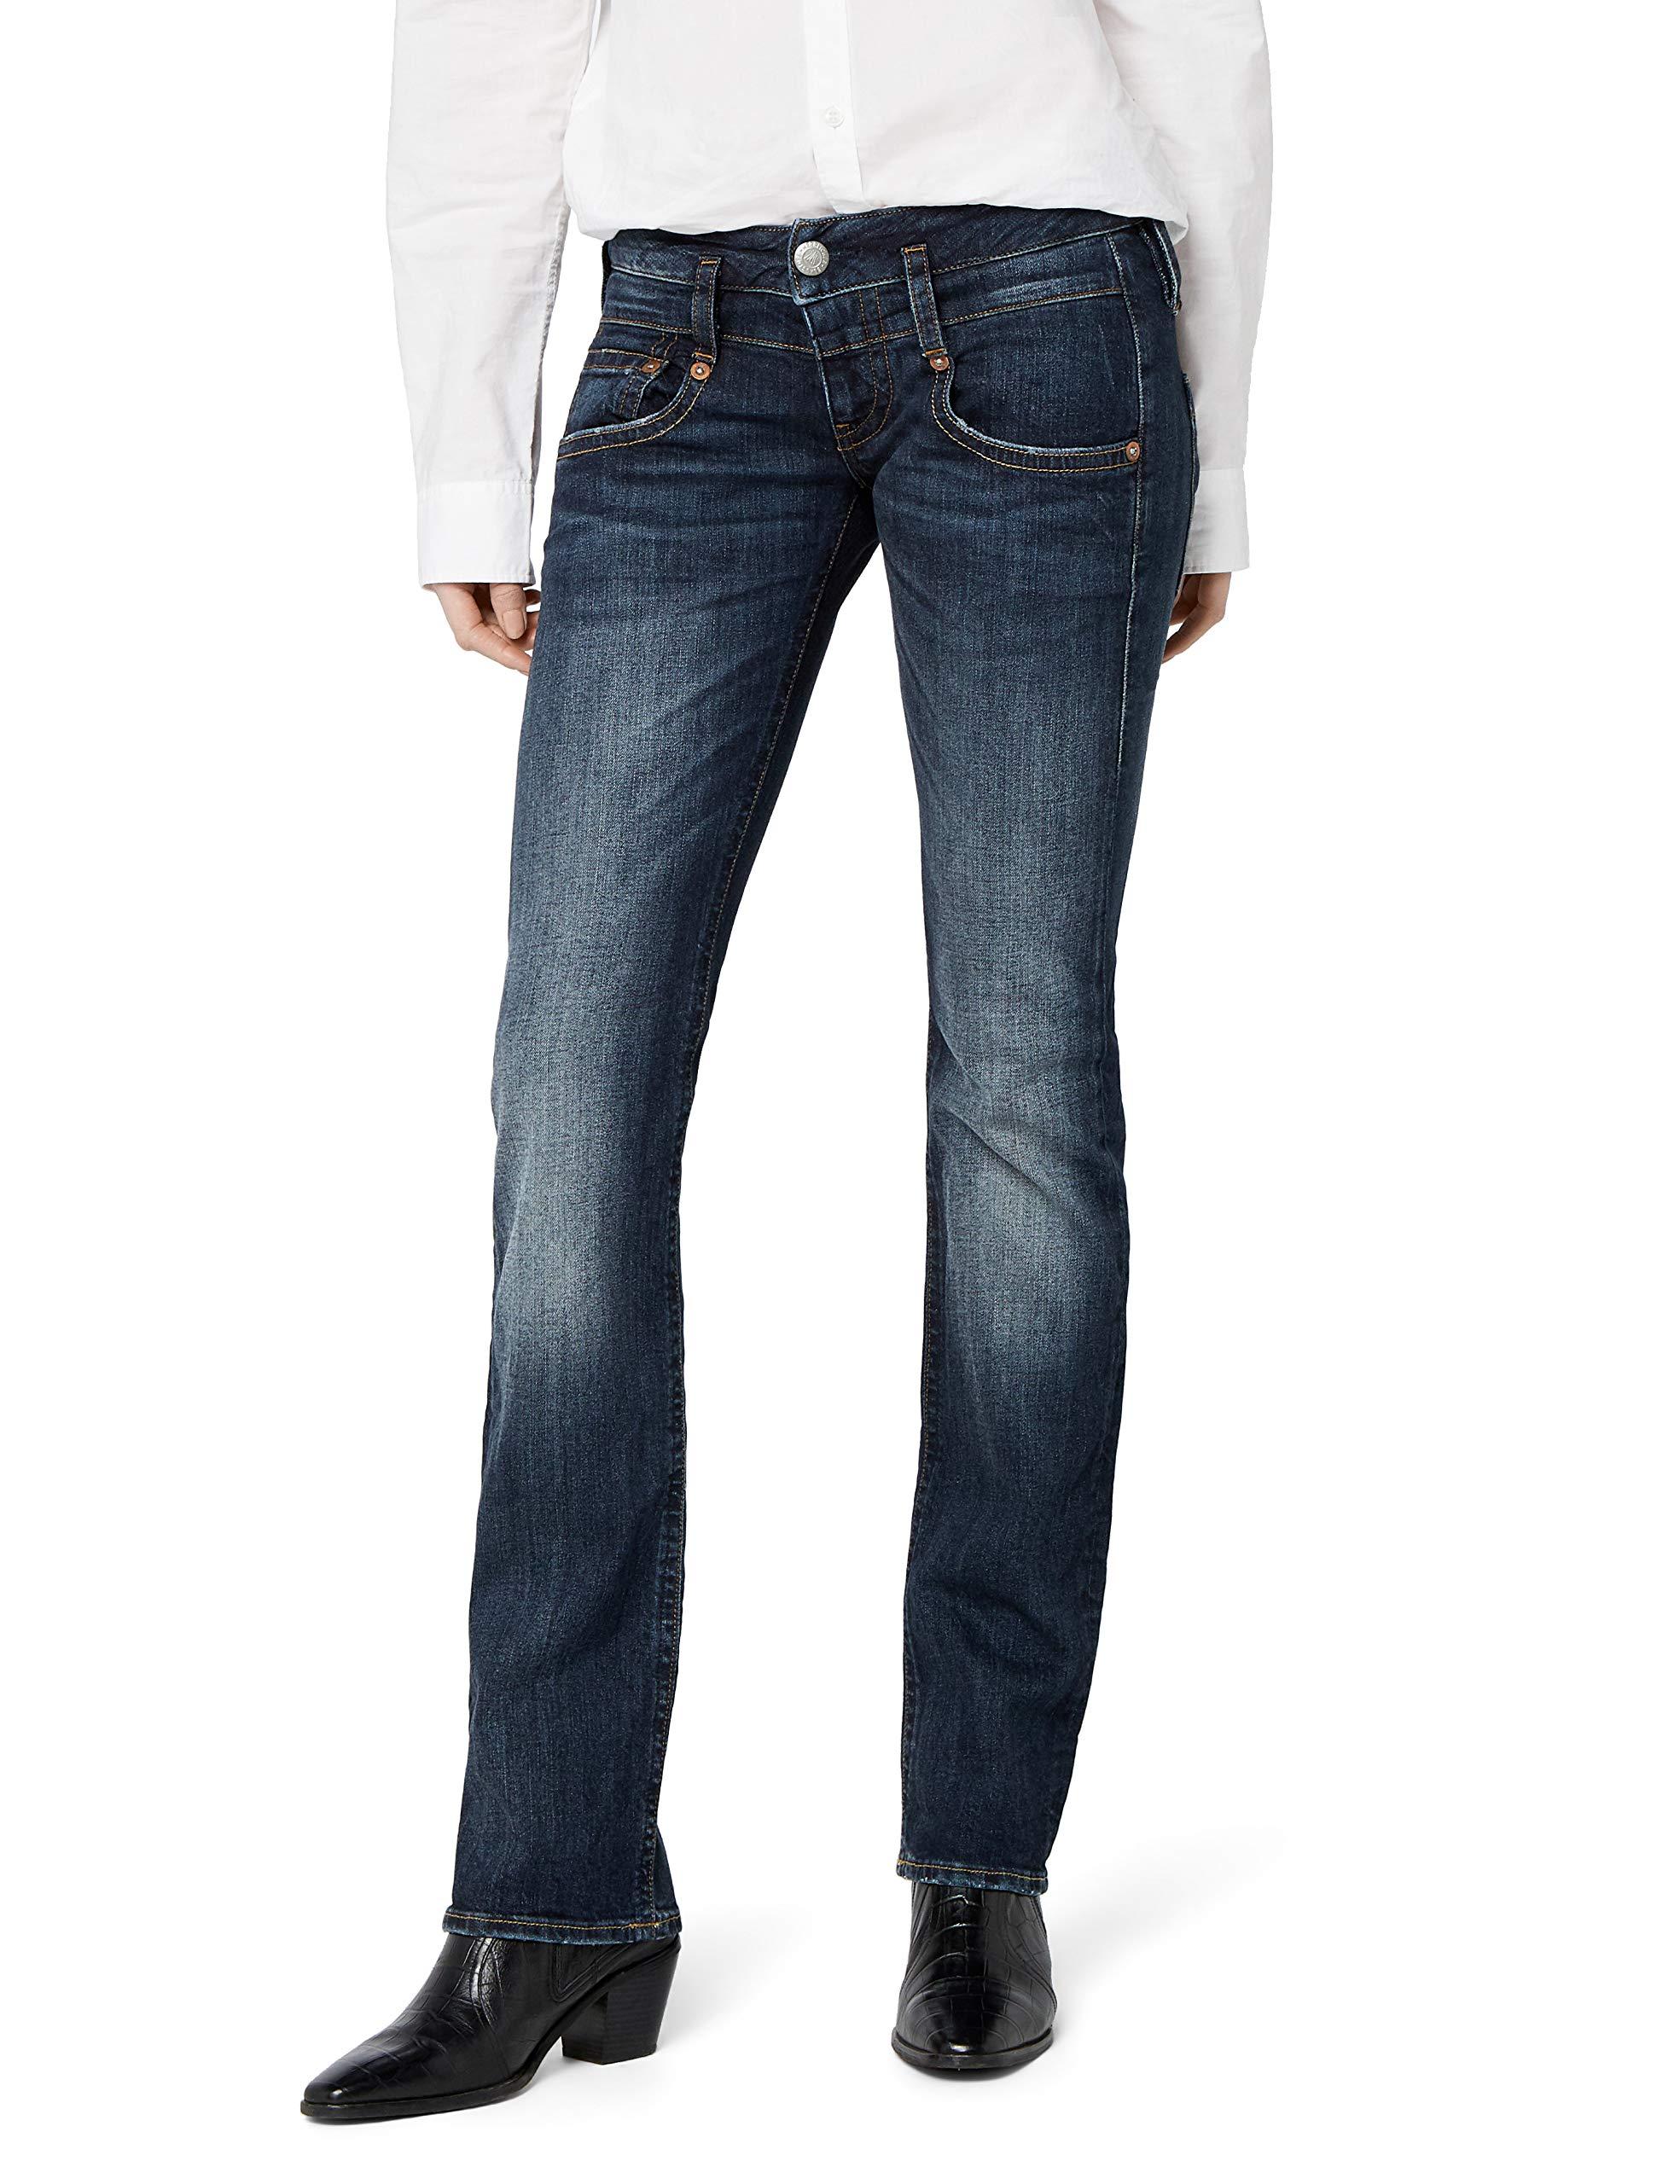 Herrlicher 34l Denim JeansBleuclassic25w Pitch X Femme 8nmN0w